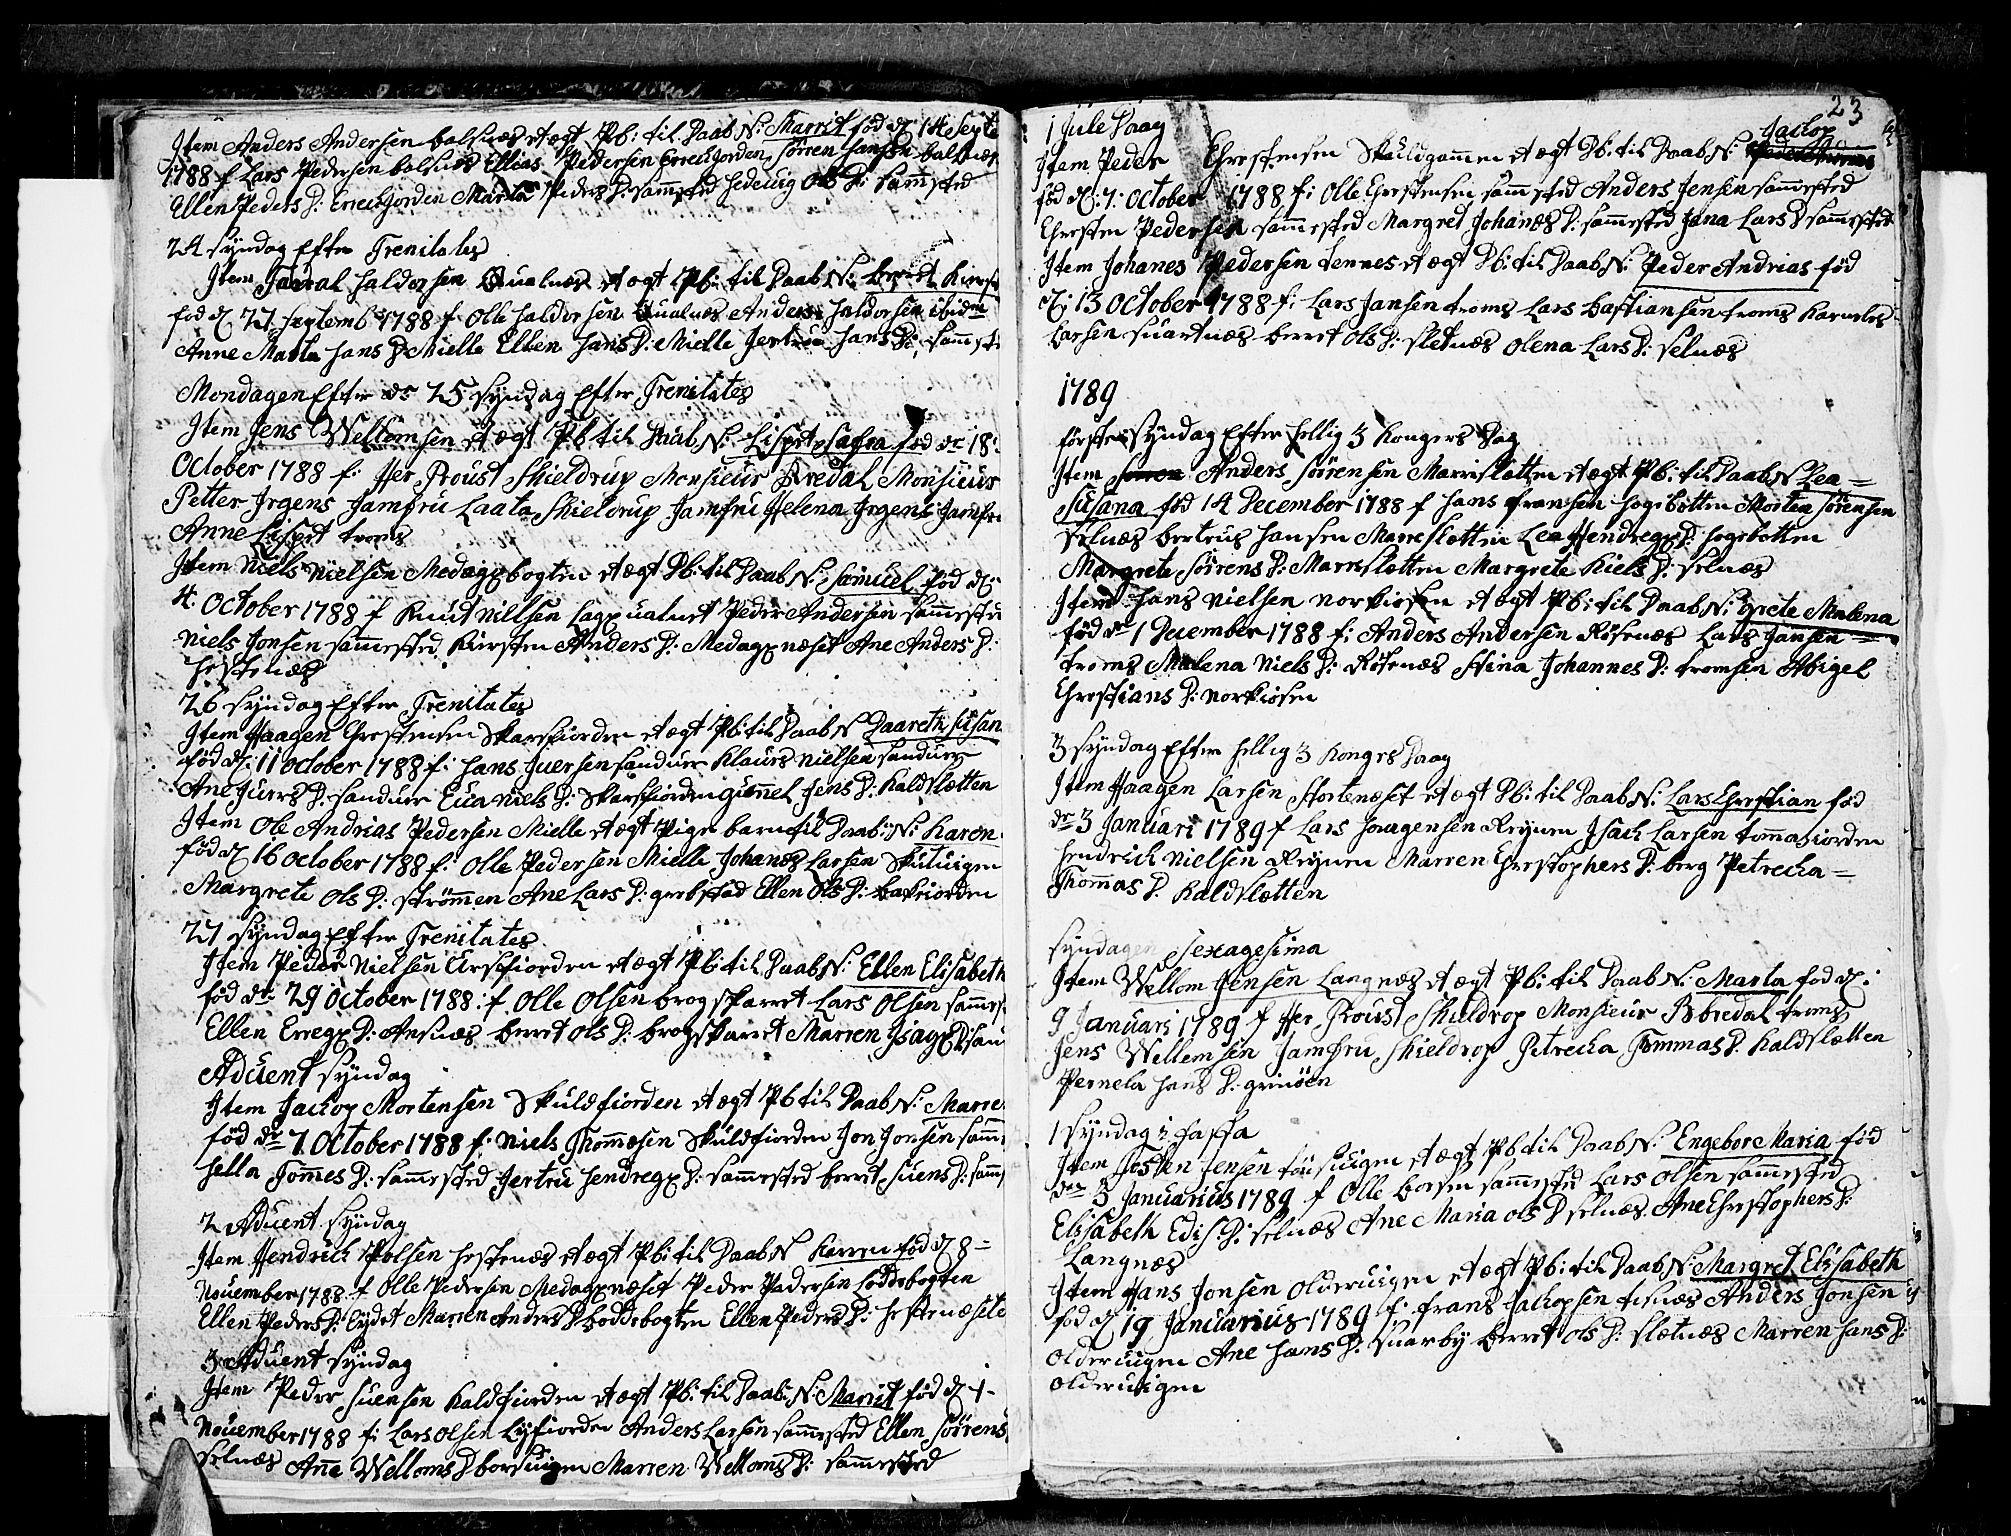 SATØ, Tromsø sokneprestkontor/stiftsprosti/domprosti, G/Ga/L0004kirke: Ministerialbok nr. 4, 1787-1795, s. 23